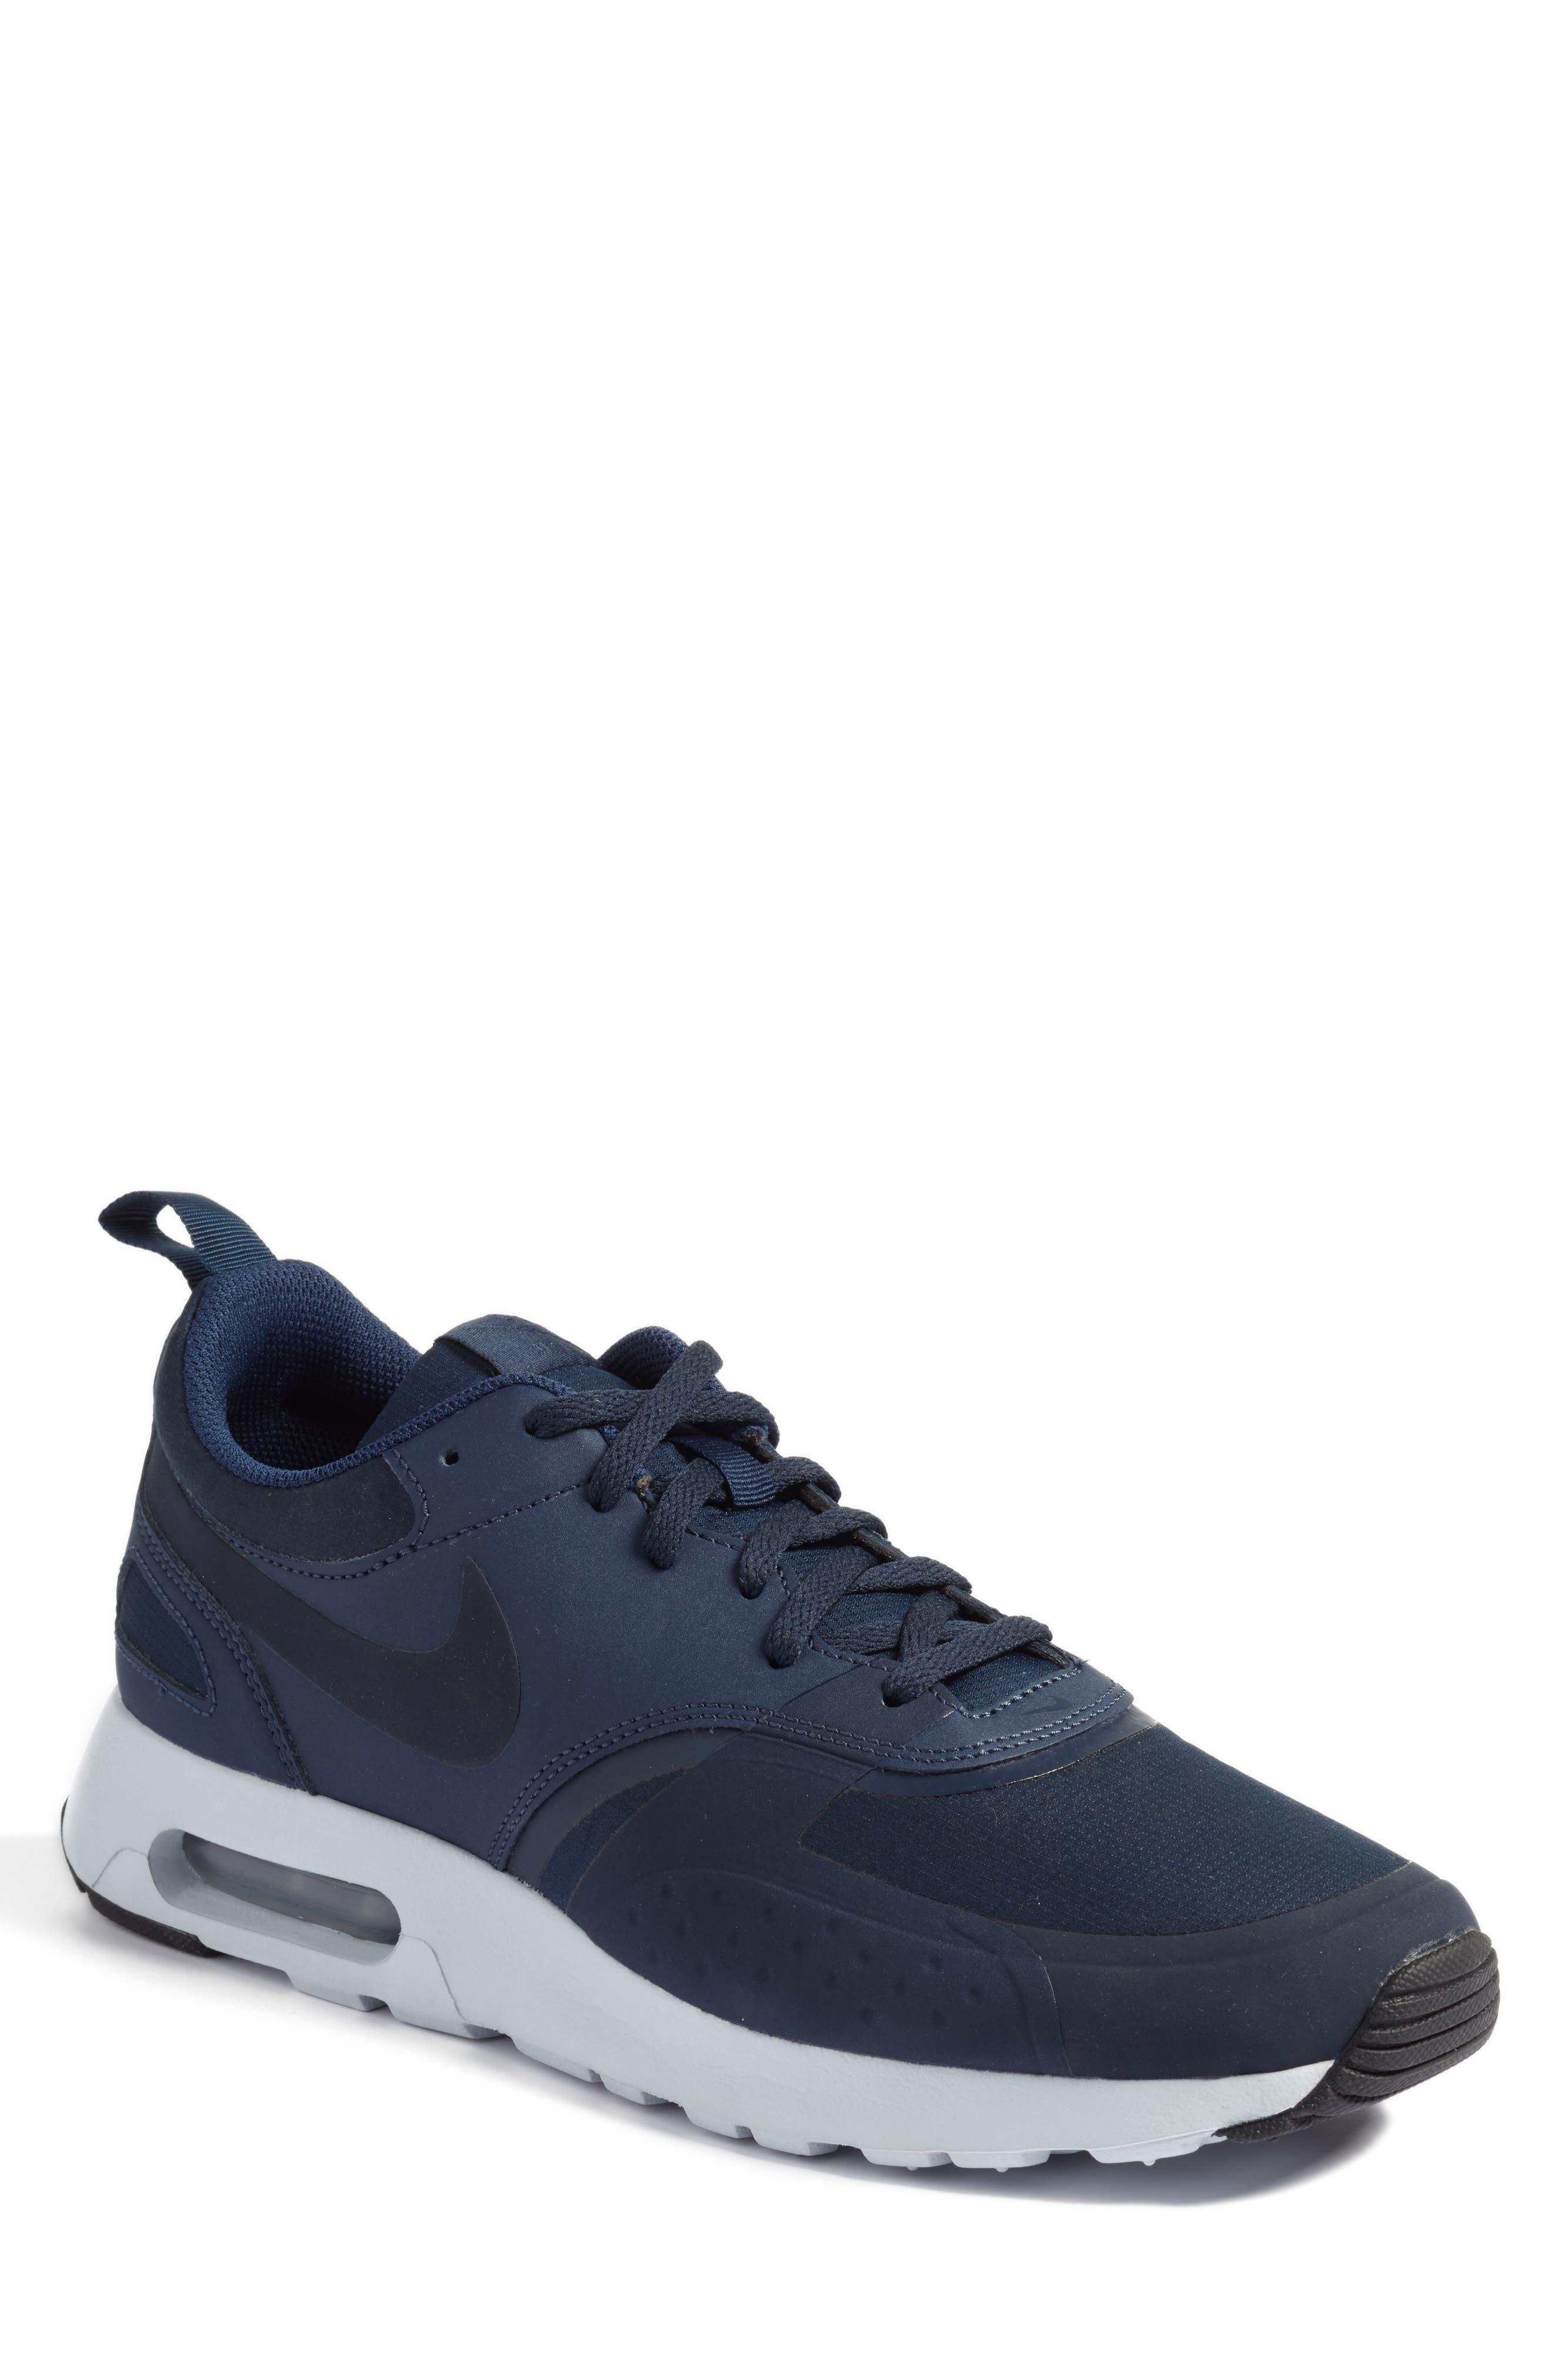 Air Max Vision Premium Sneaker,                             Main thumbnail 1, color,                             400